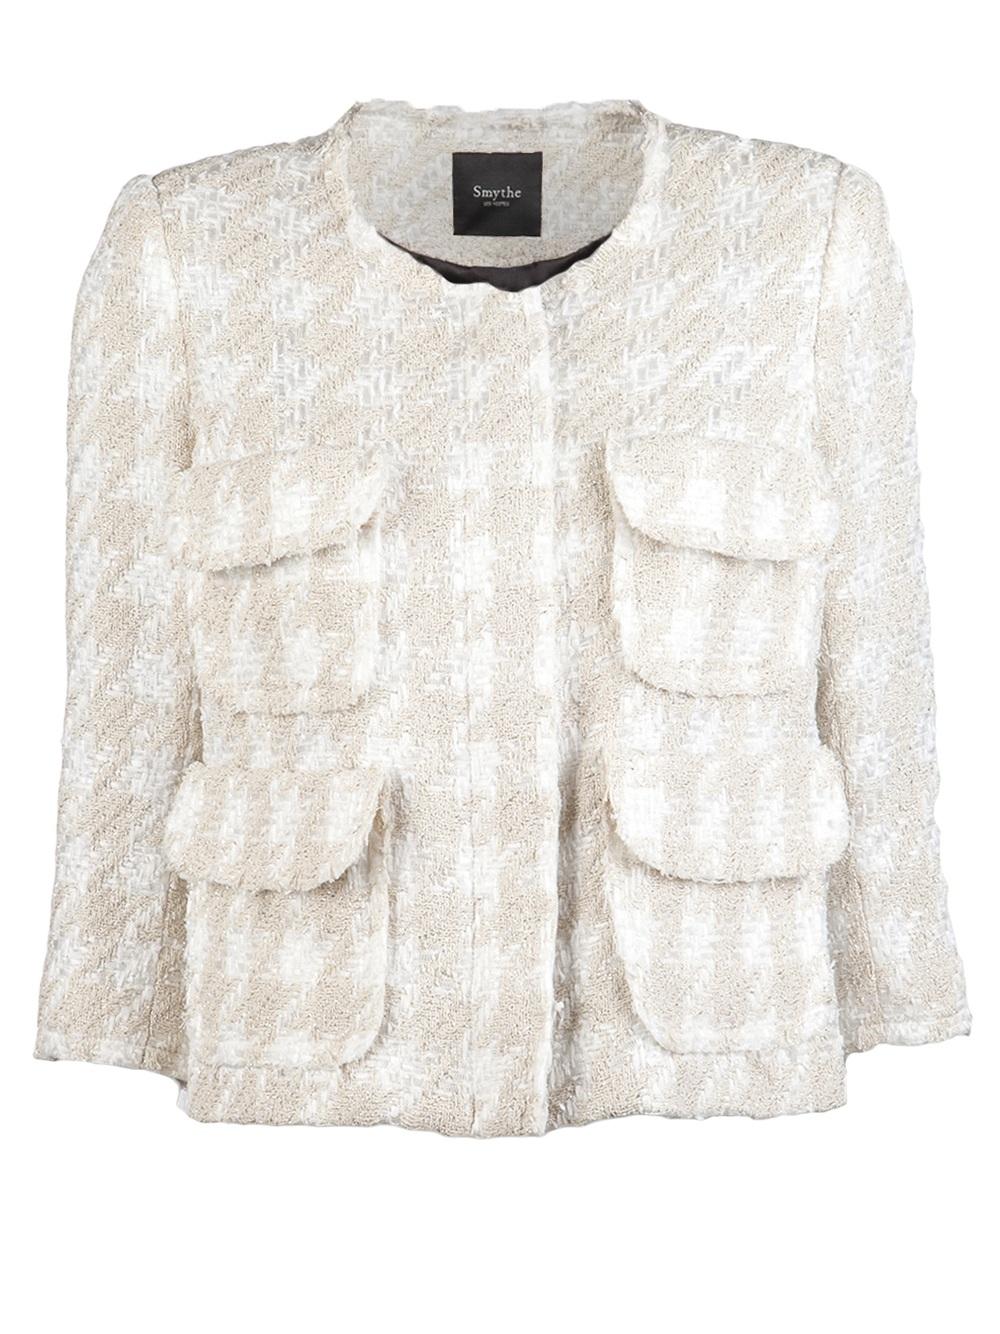 Smythe boucle jacket in white for Smythe designer